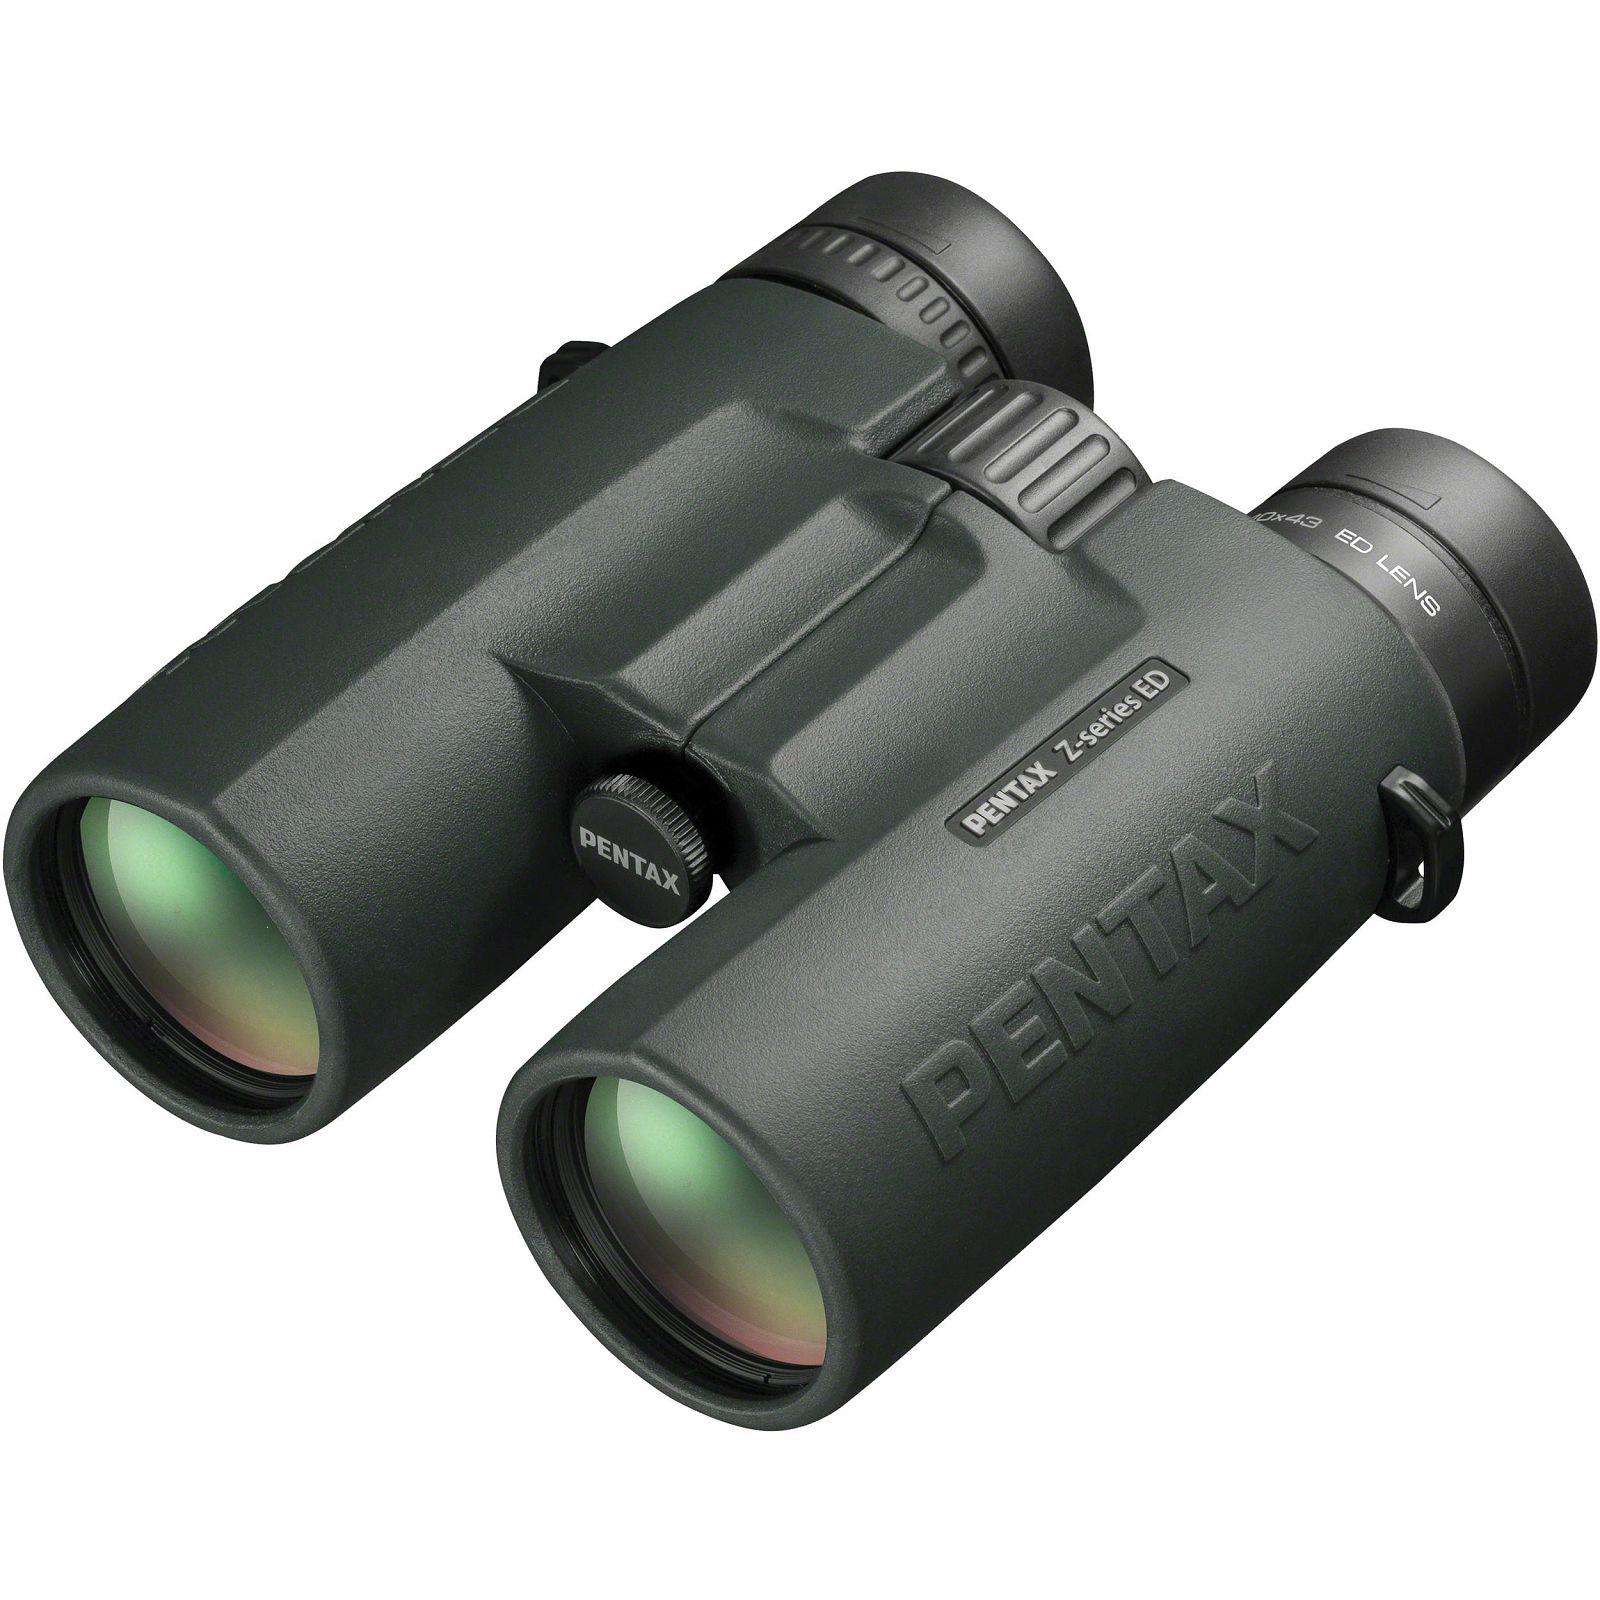 Pentax ZD-Ultimate 10x43 ED Z serija dvogled dalekozor binocular